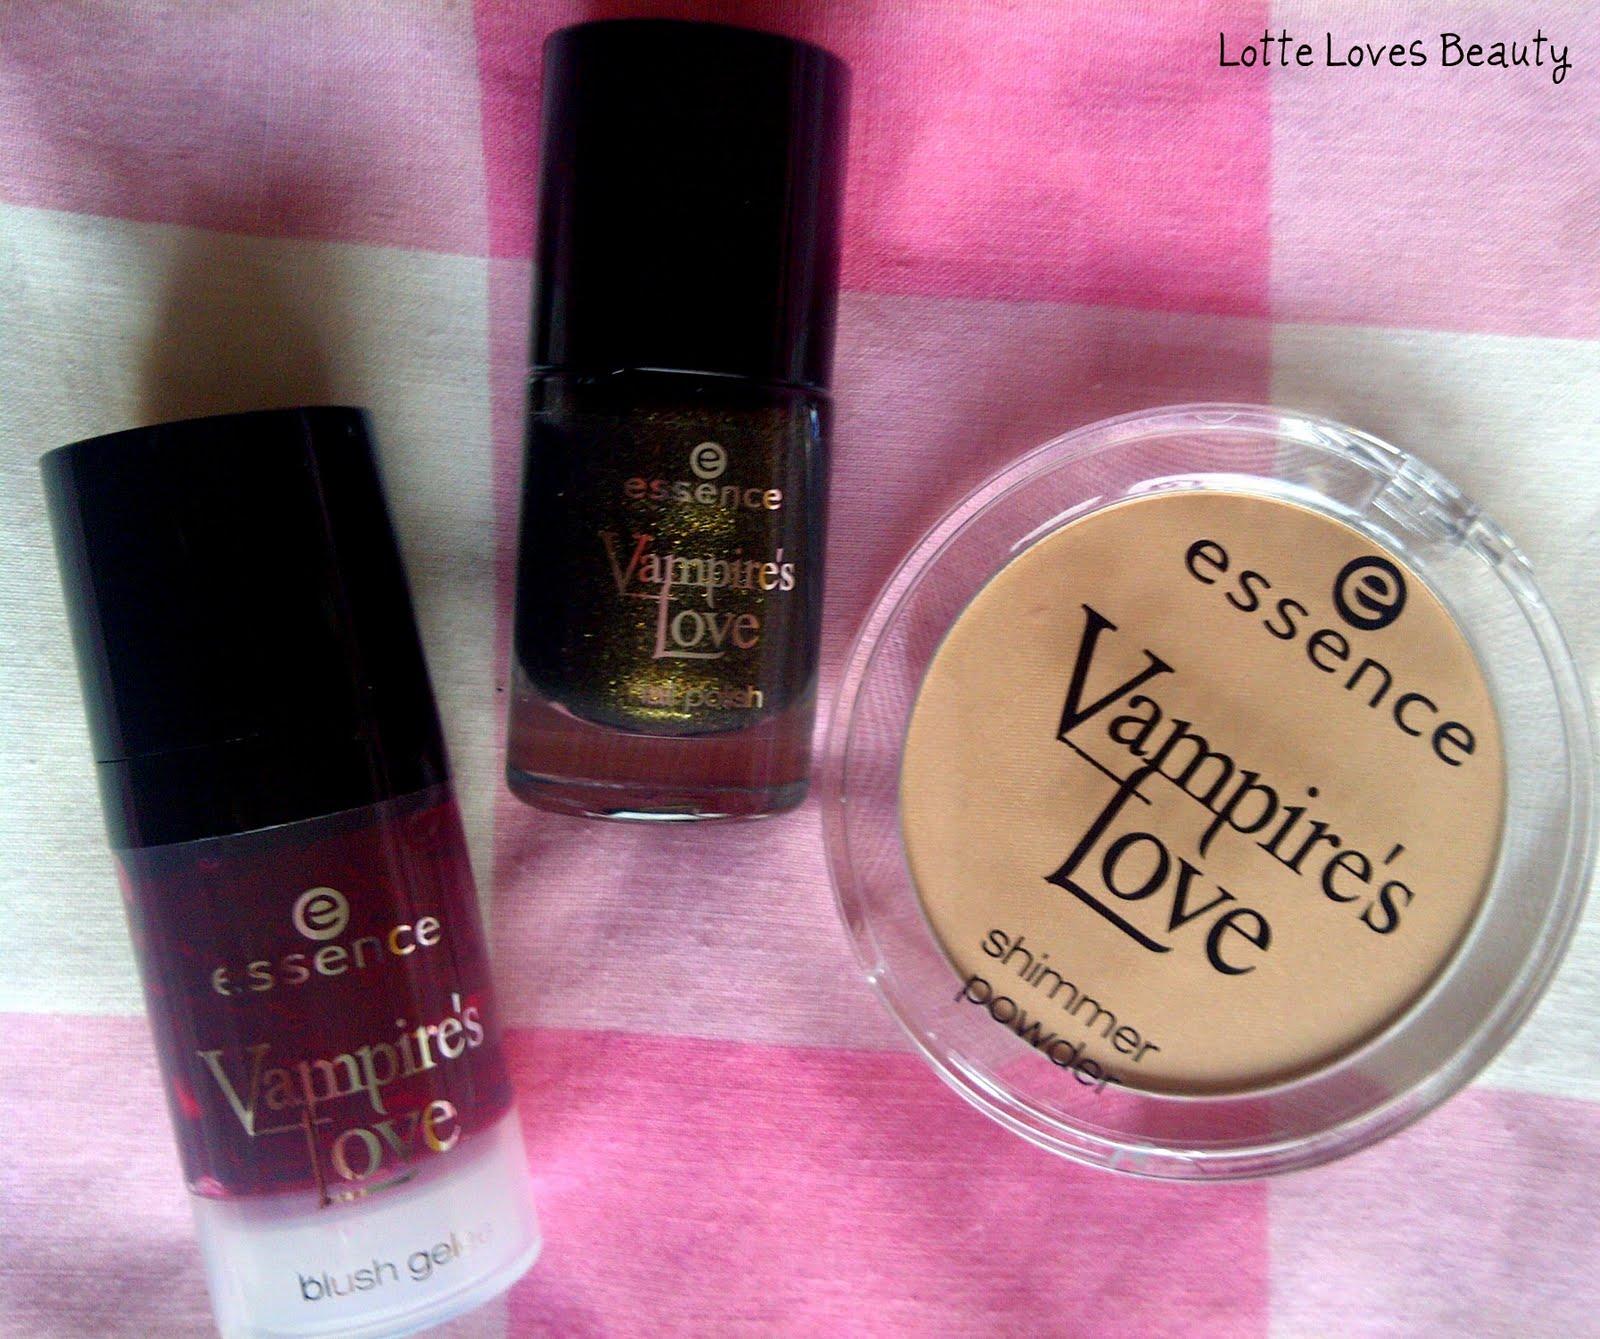 Essence Vampire\'s Love Producten - Lotte Loves Beauty